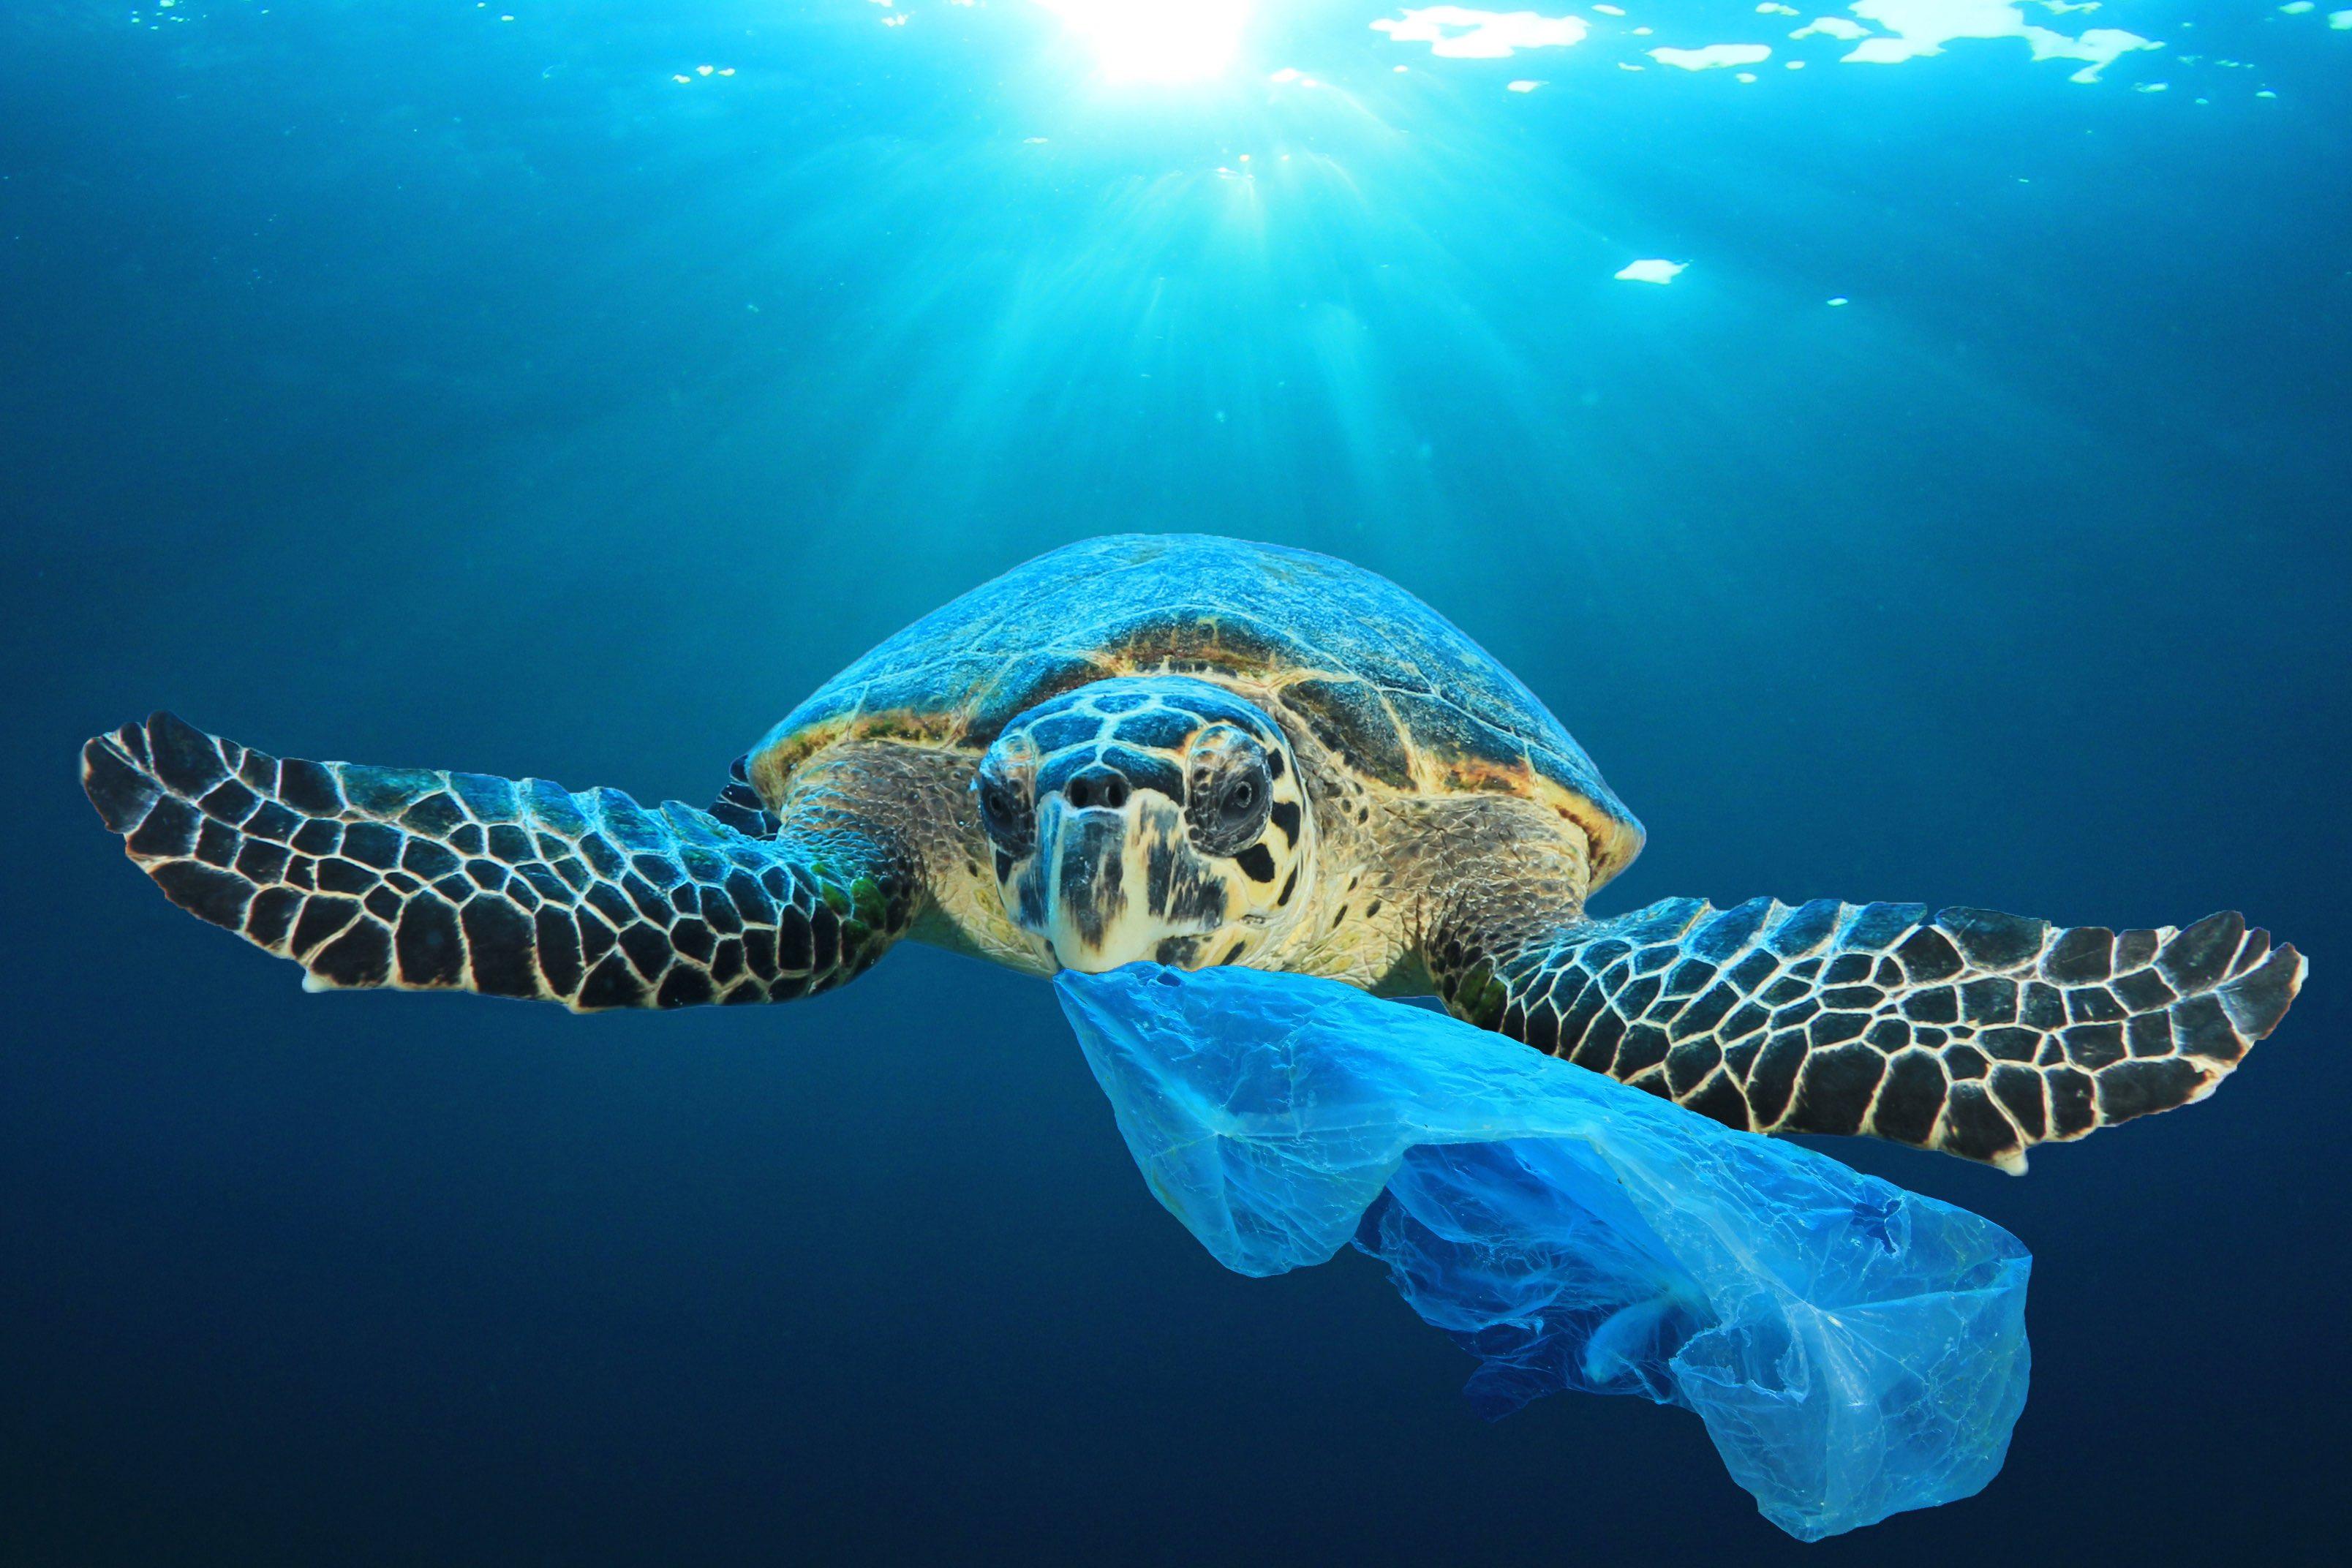 Plastica In Mare E Inquinamento Marino • Bamboo & Green